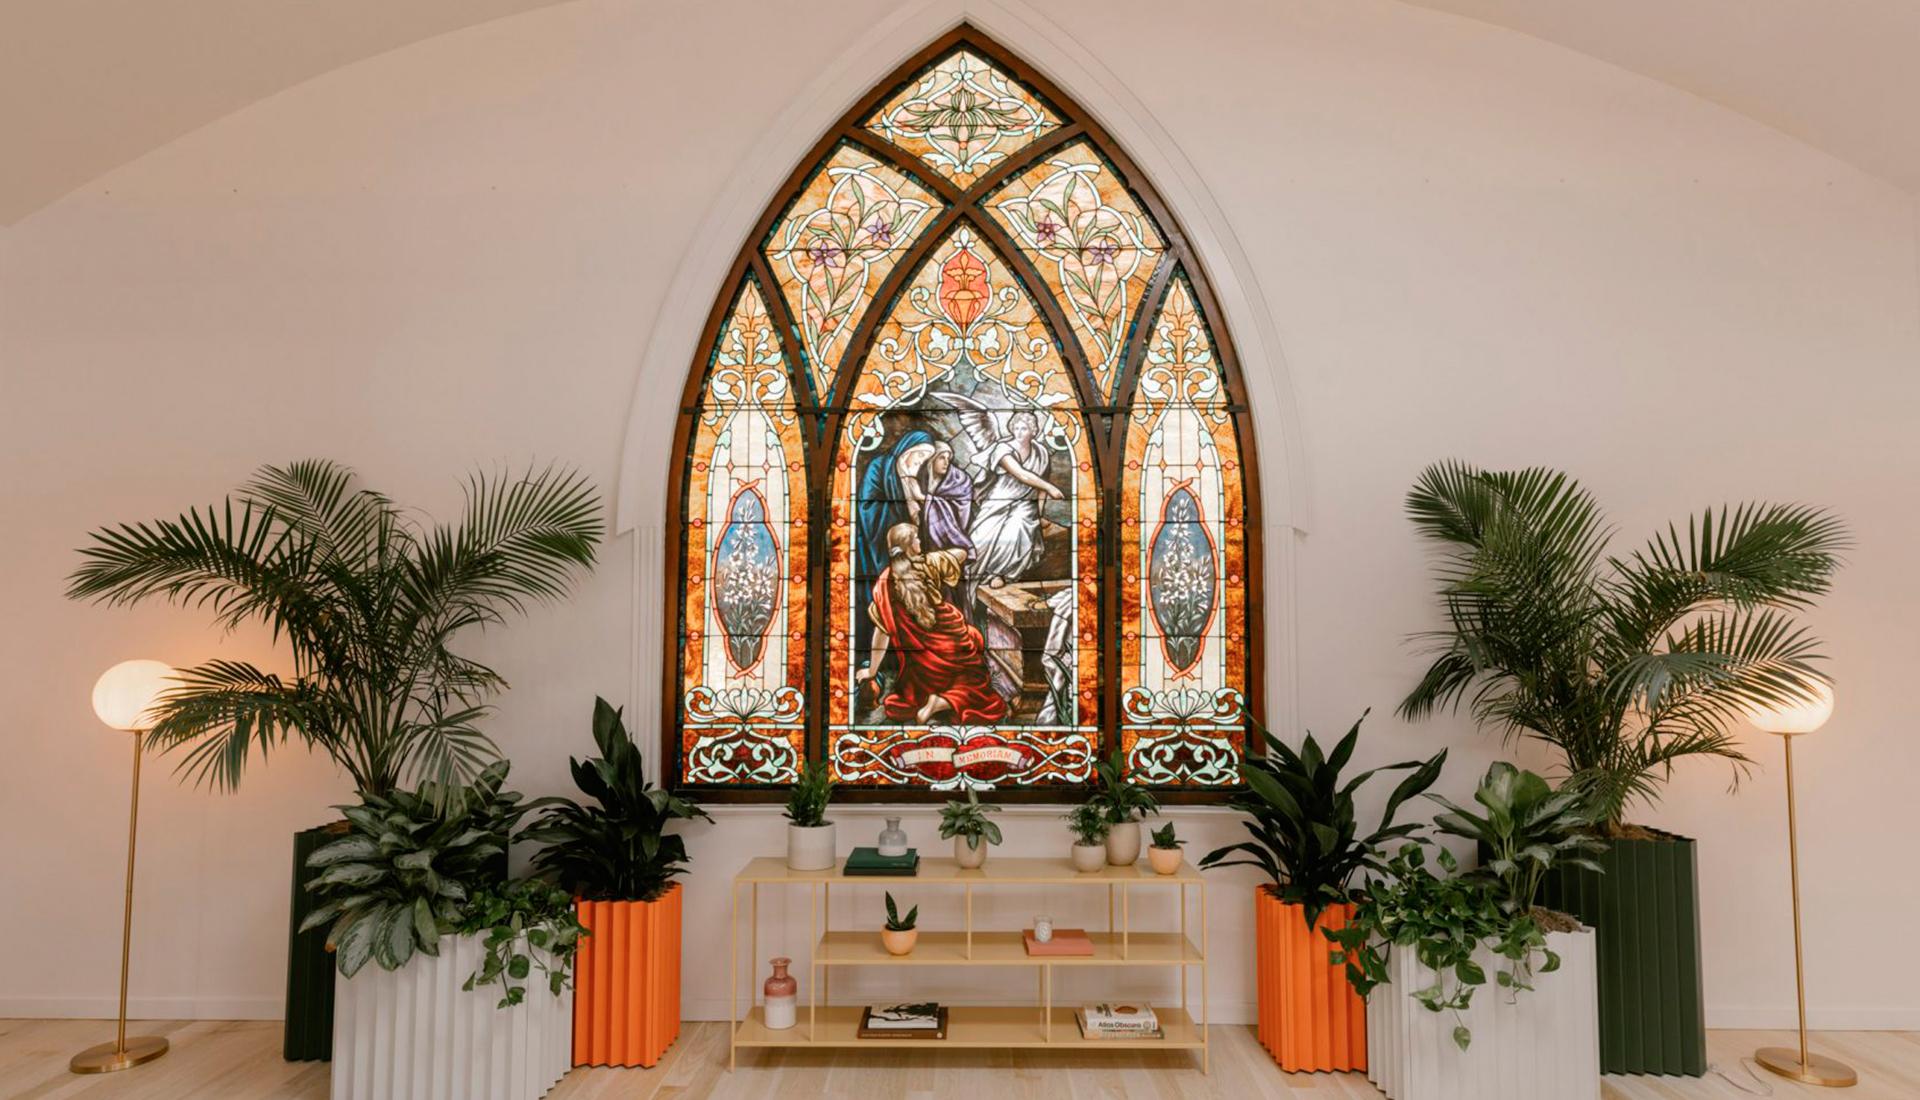 Коворкинг в бывшей церкви в Лос-Анджелесе